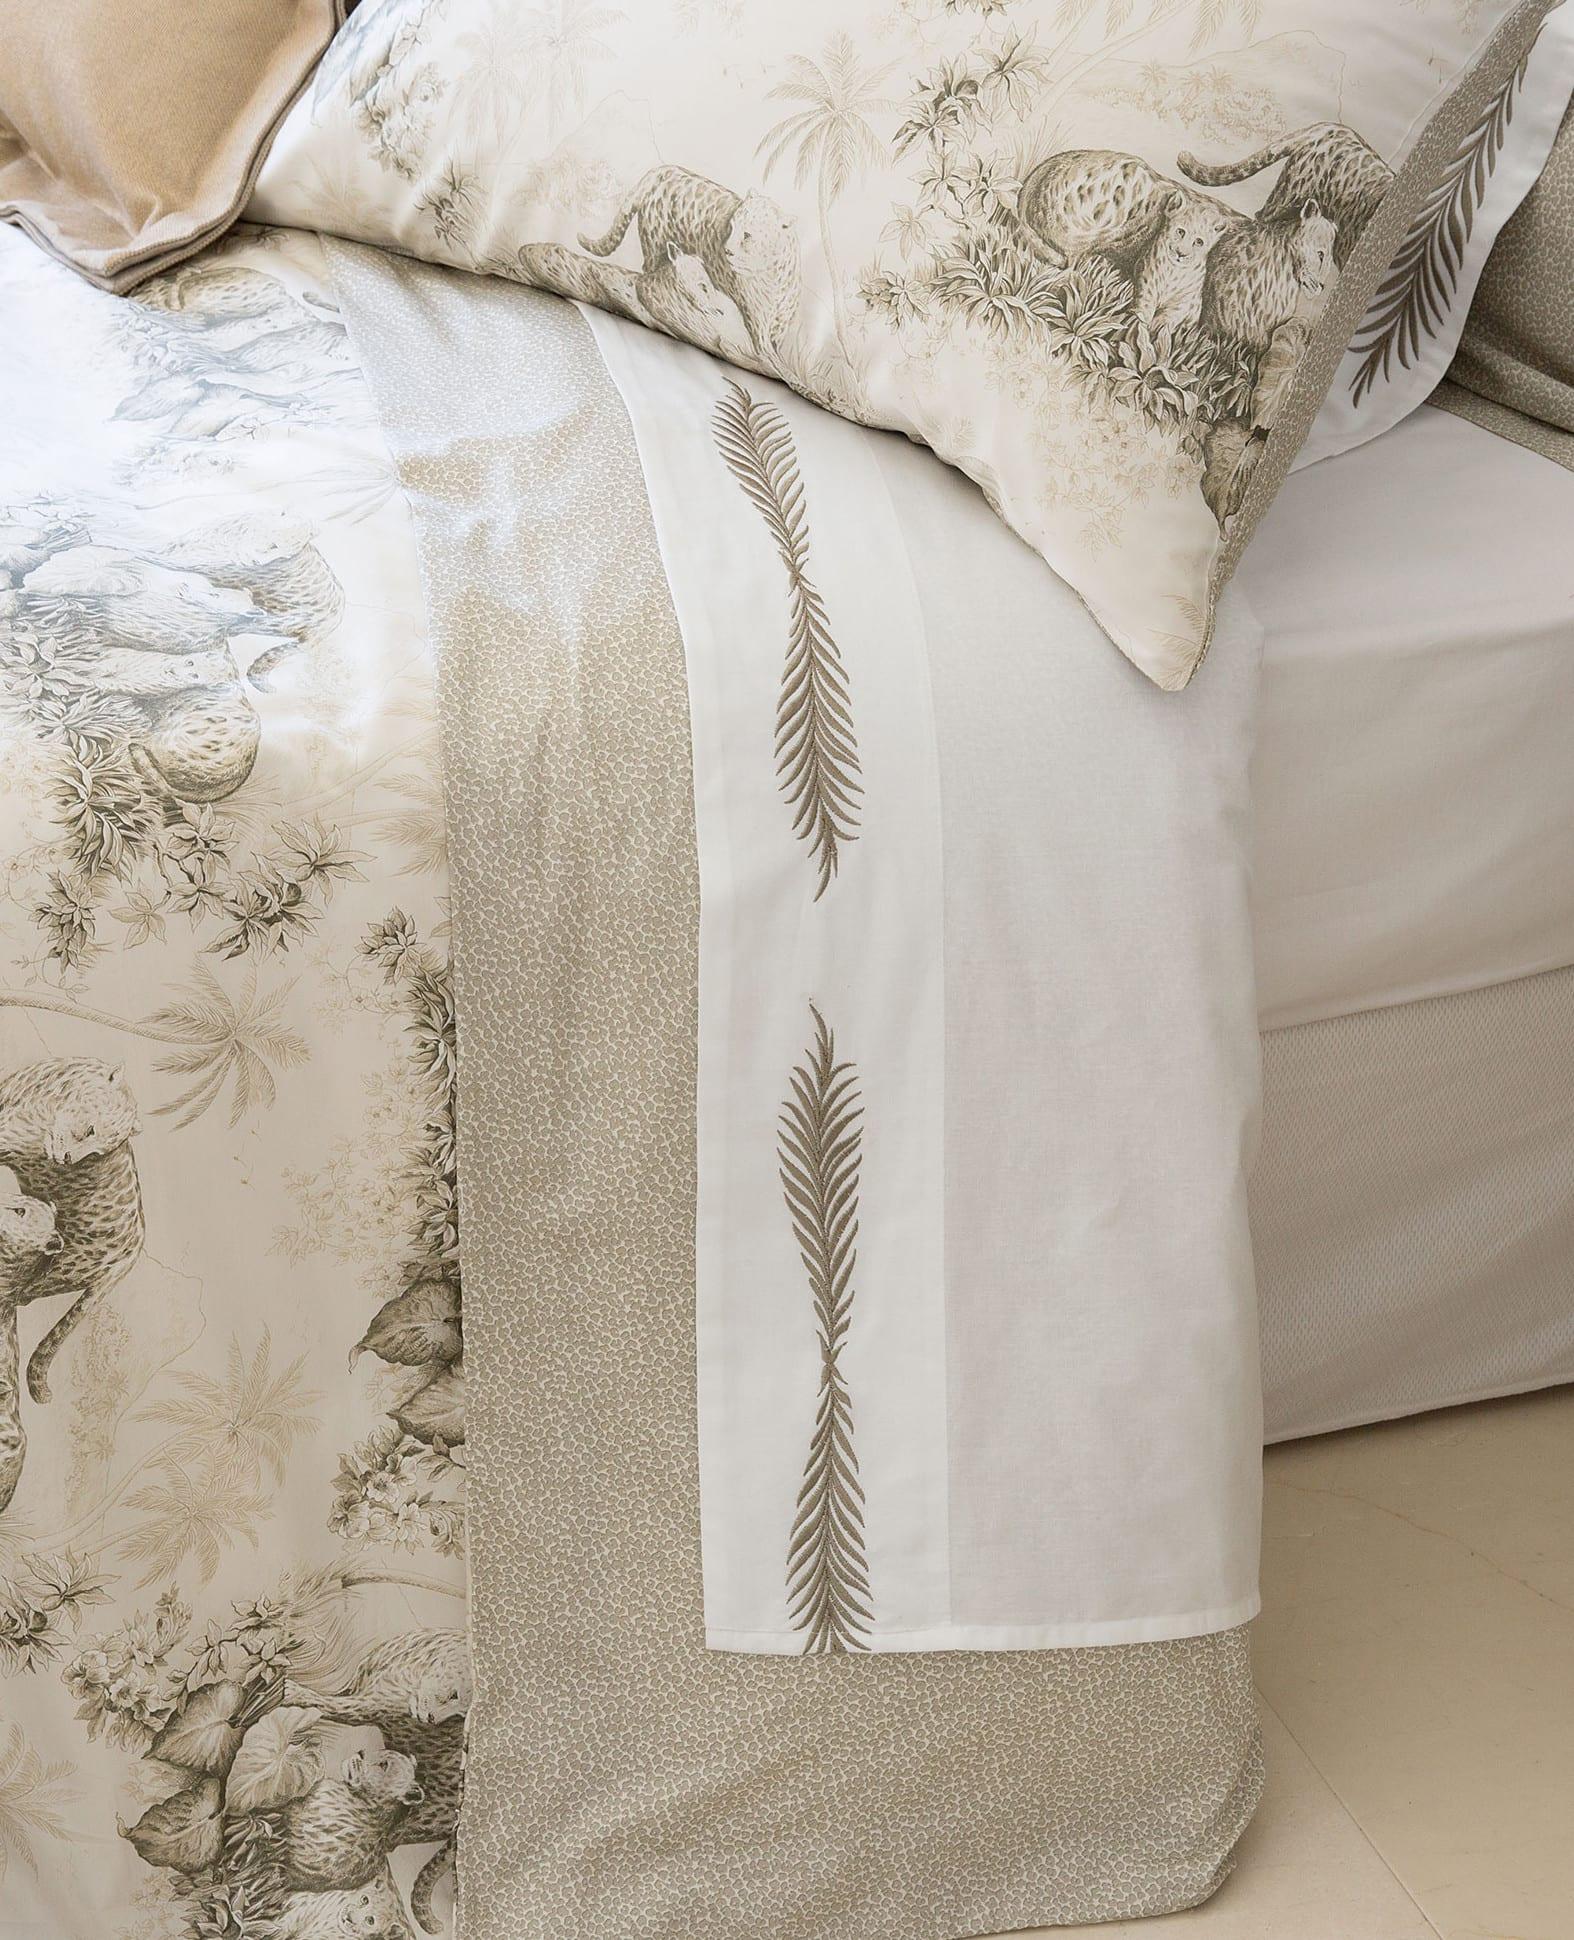 Schlafzimmer Einrichten Mit Zara Home